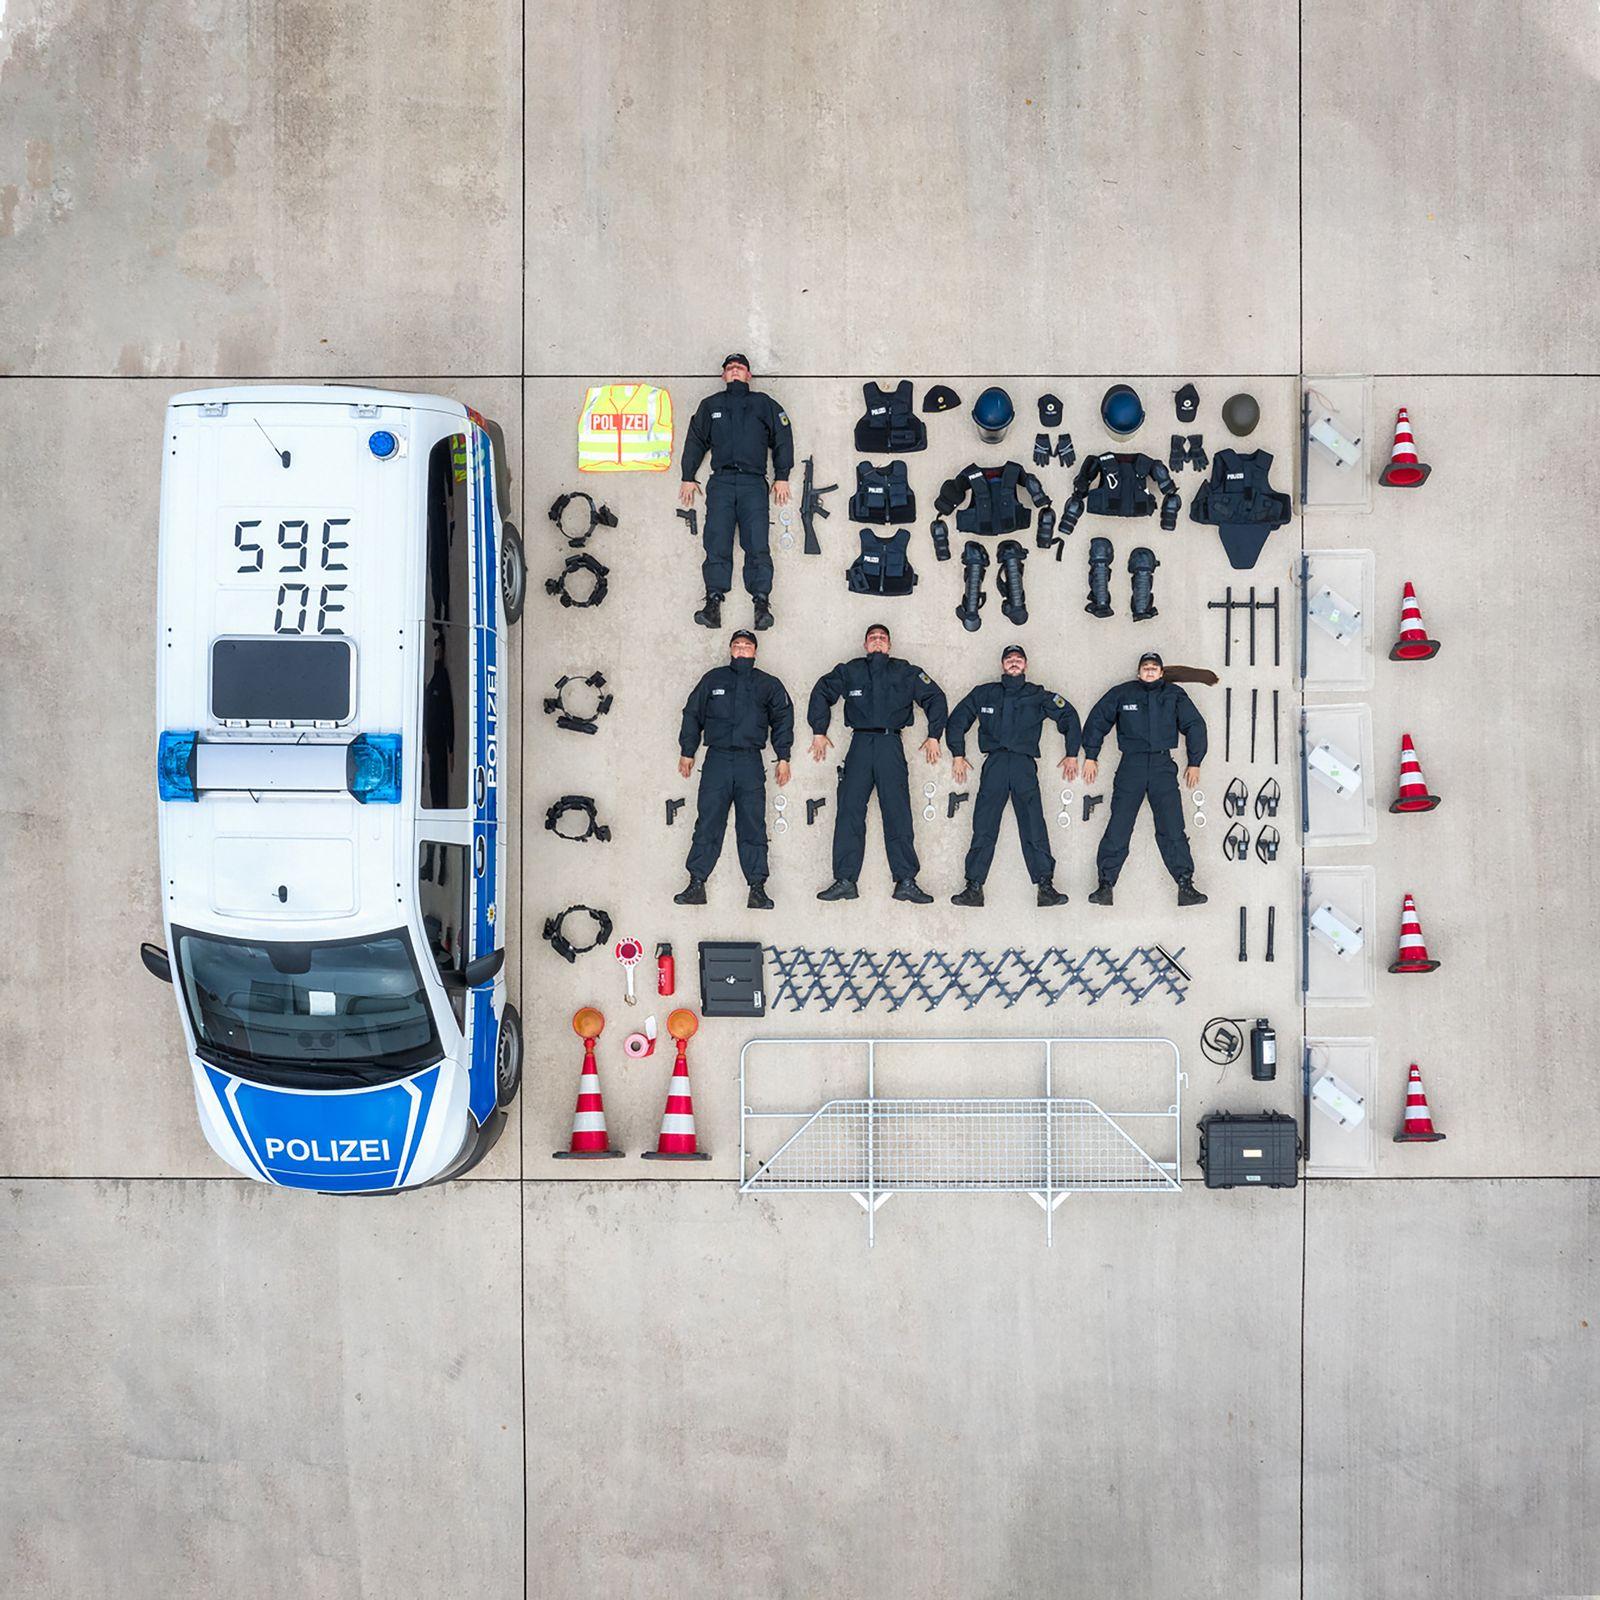 Bundespolizei in Duderstadt bei #TetrisChallenge